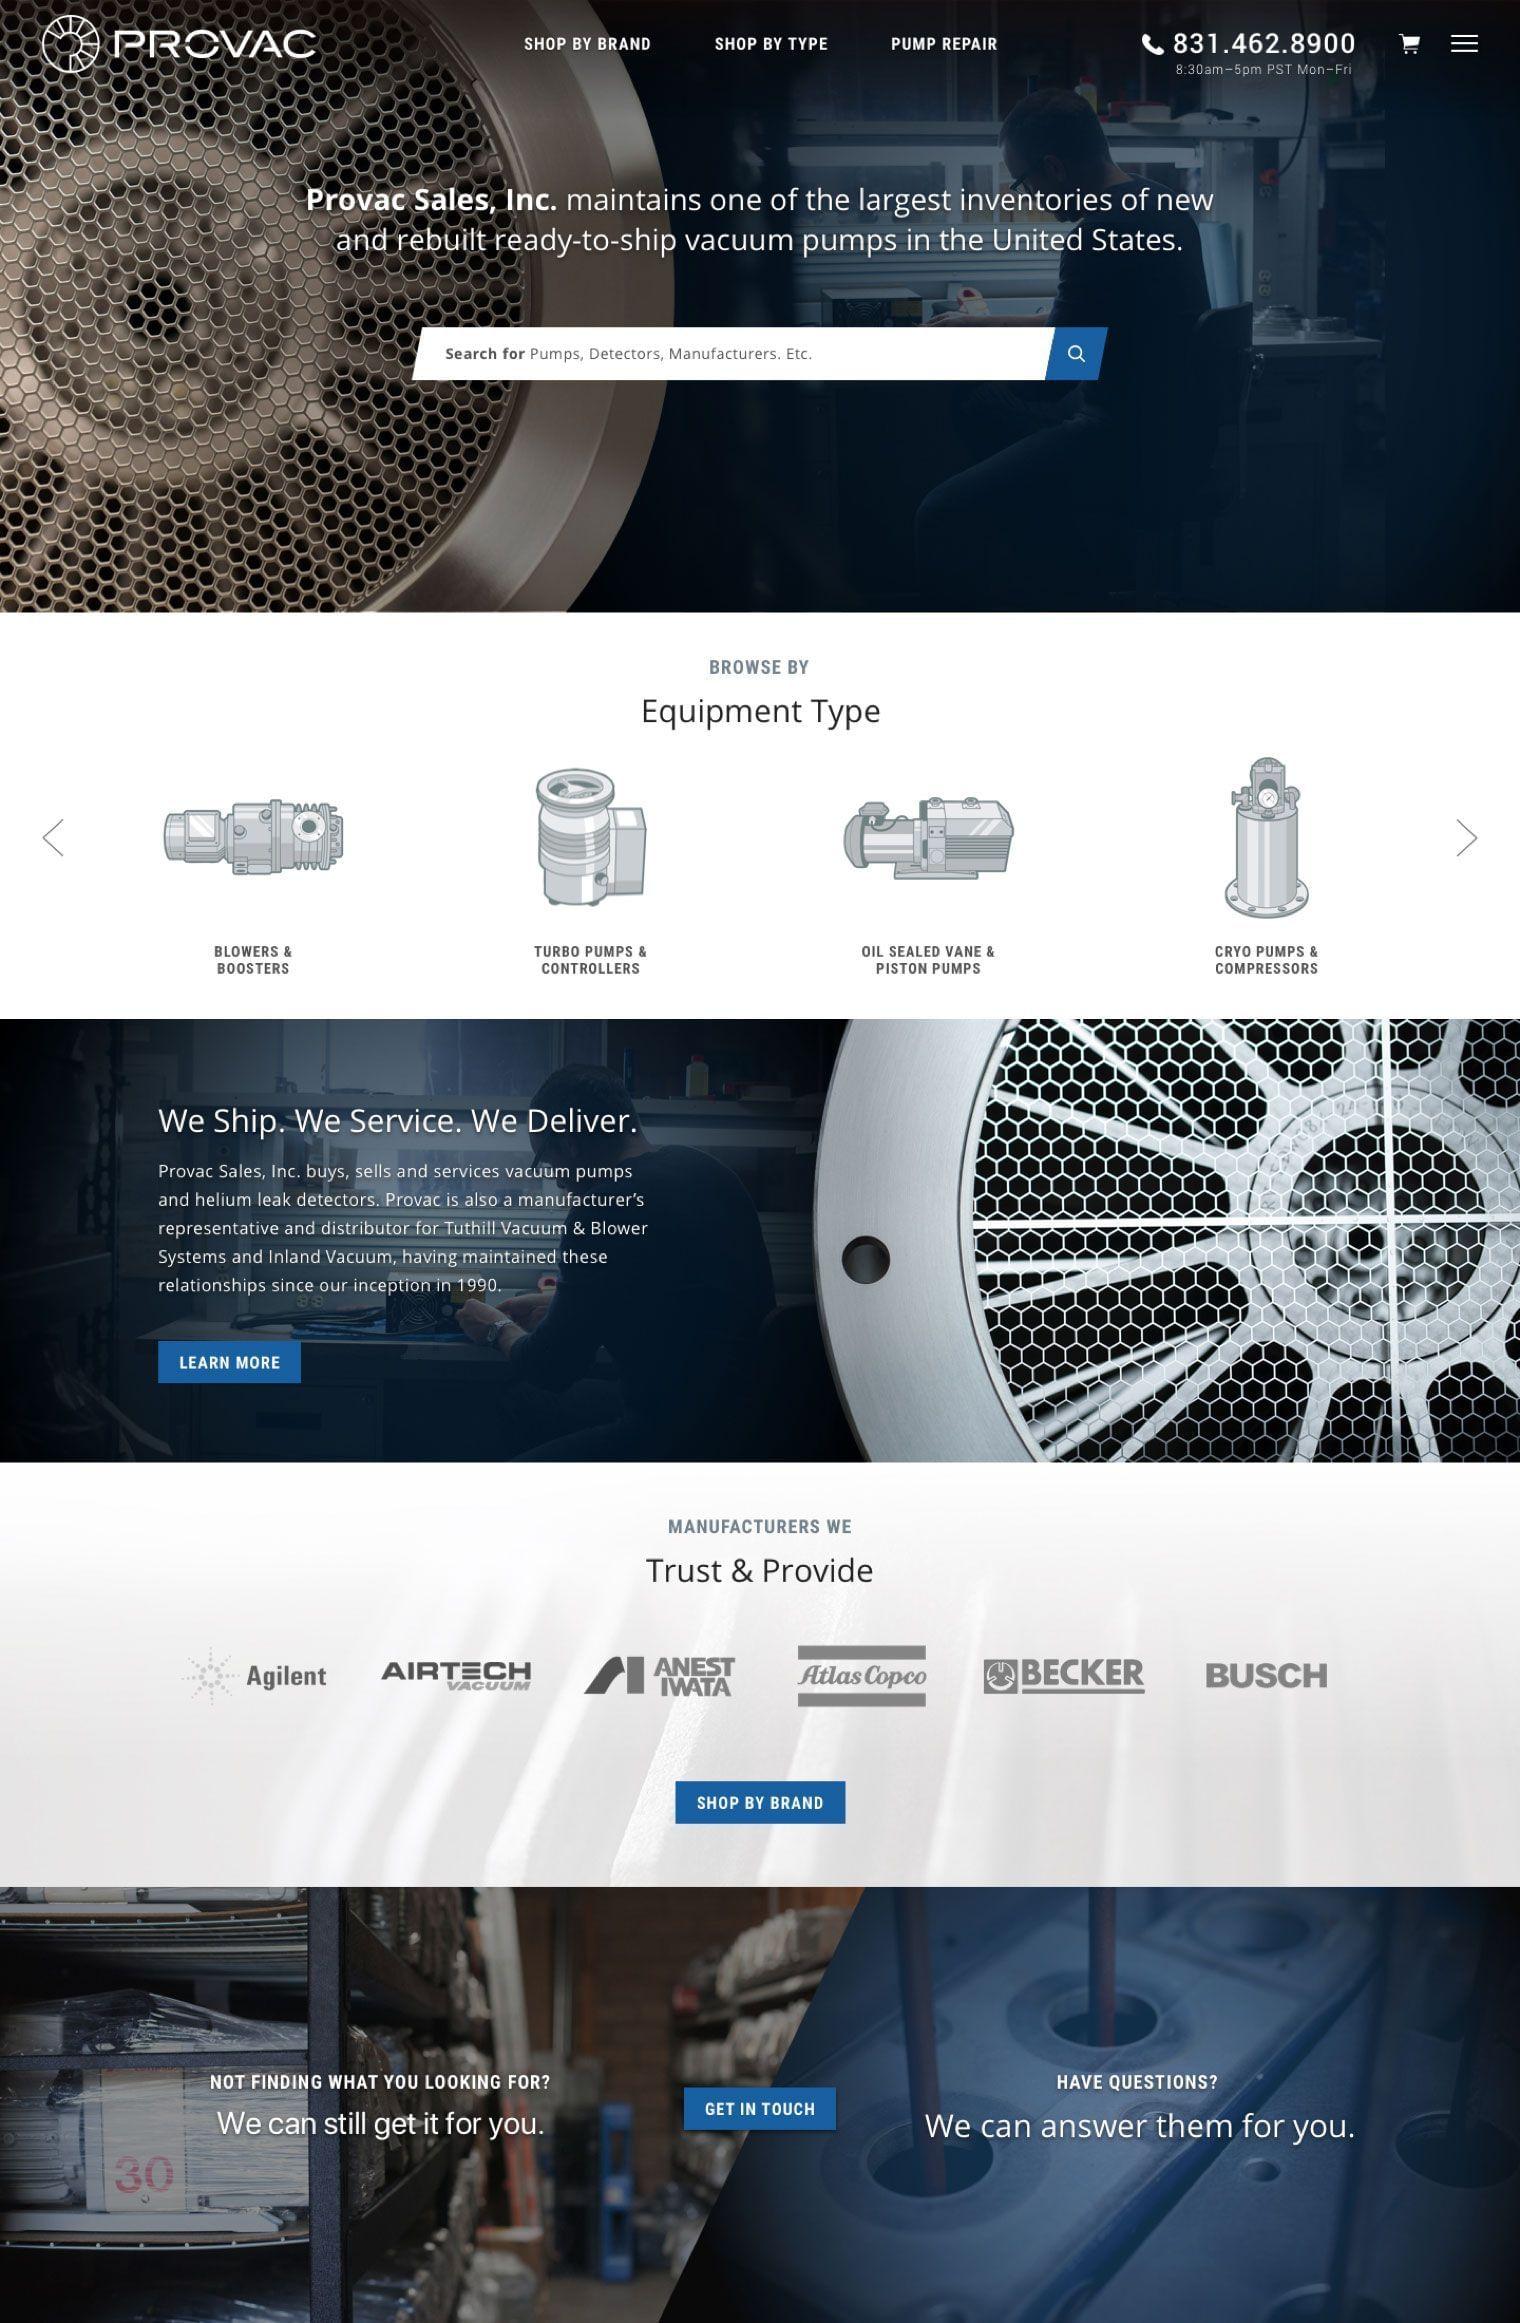 Provac Homepage